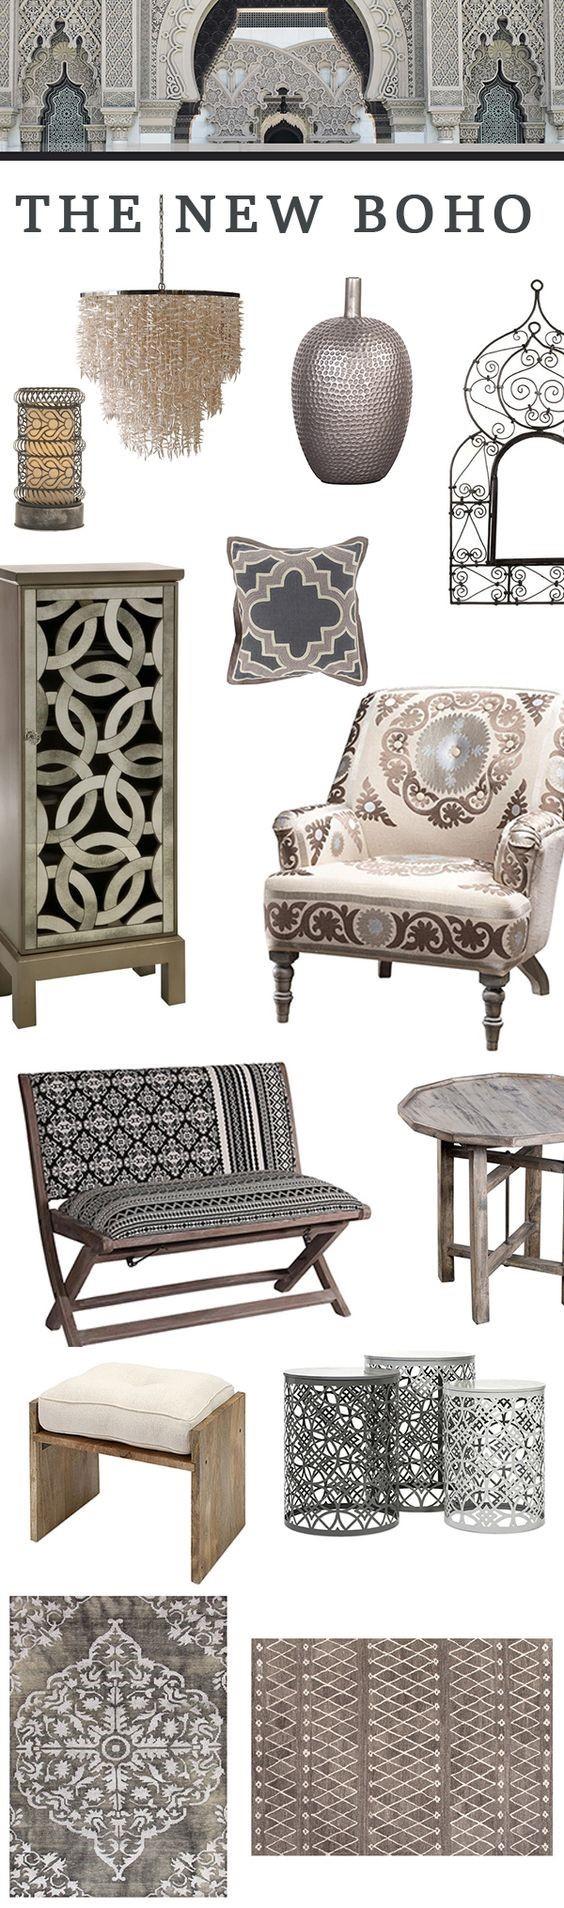 Arabesque shape in interior design